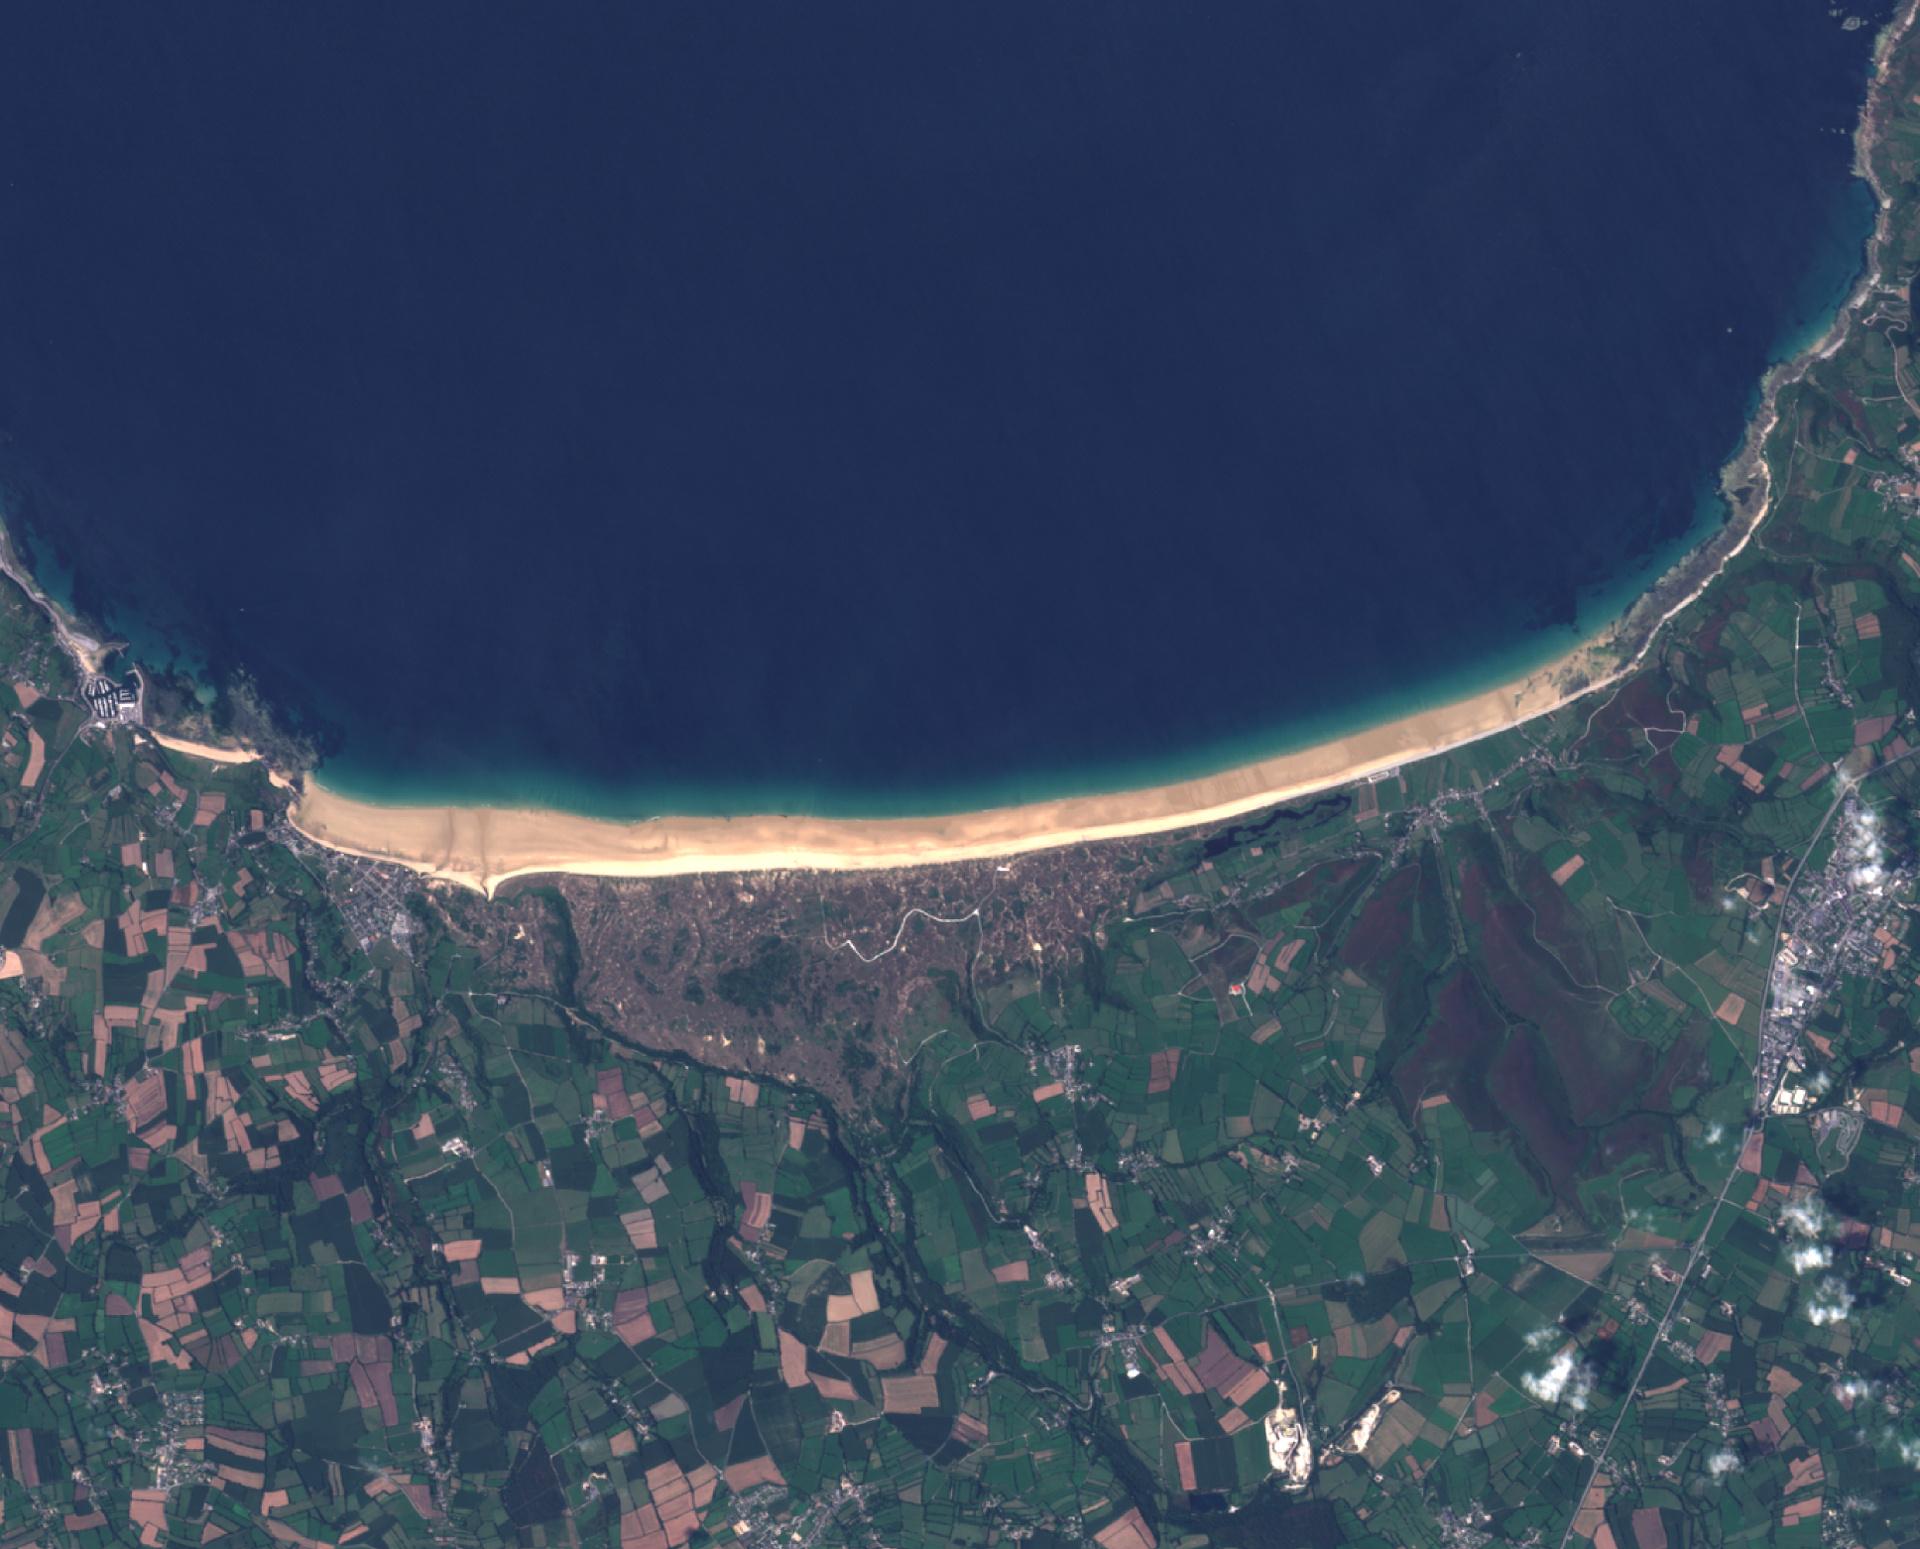 Rentrée scolaire - Septembre 2016 - Quiz image satellite et environnement - Indice - Un autre regard sur la Terre - Pédagogie - éducation - science à l'école - CSTI